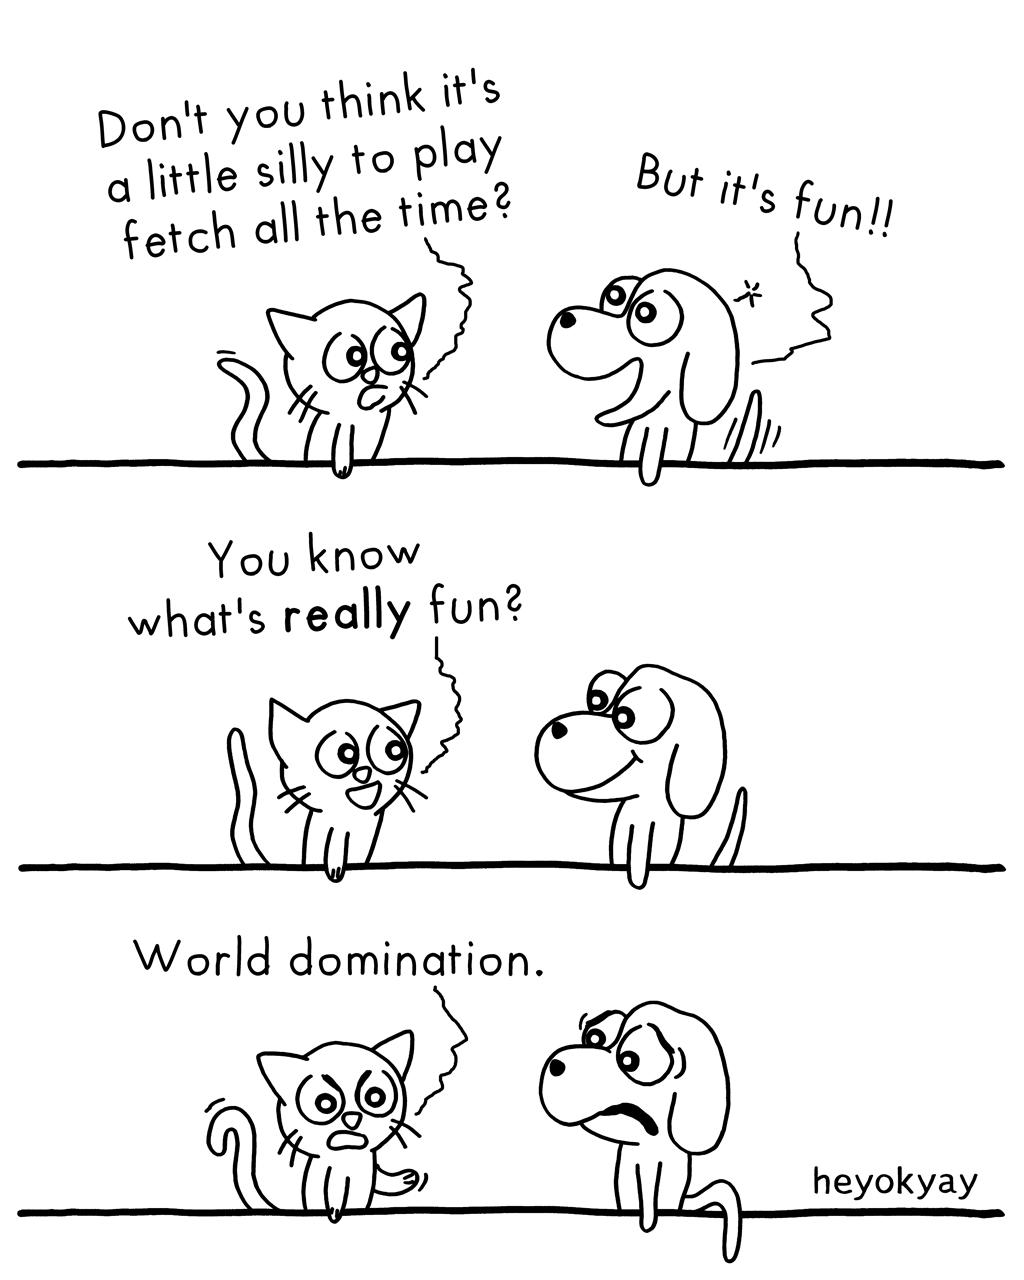 Fun | heyokyay